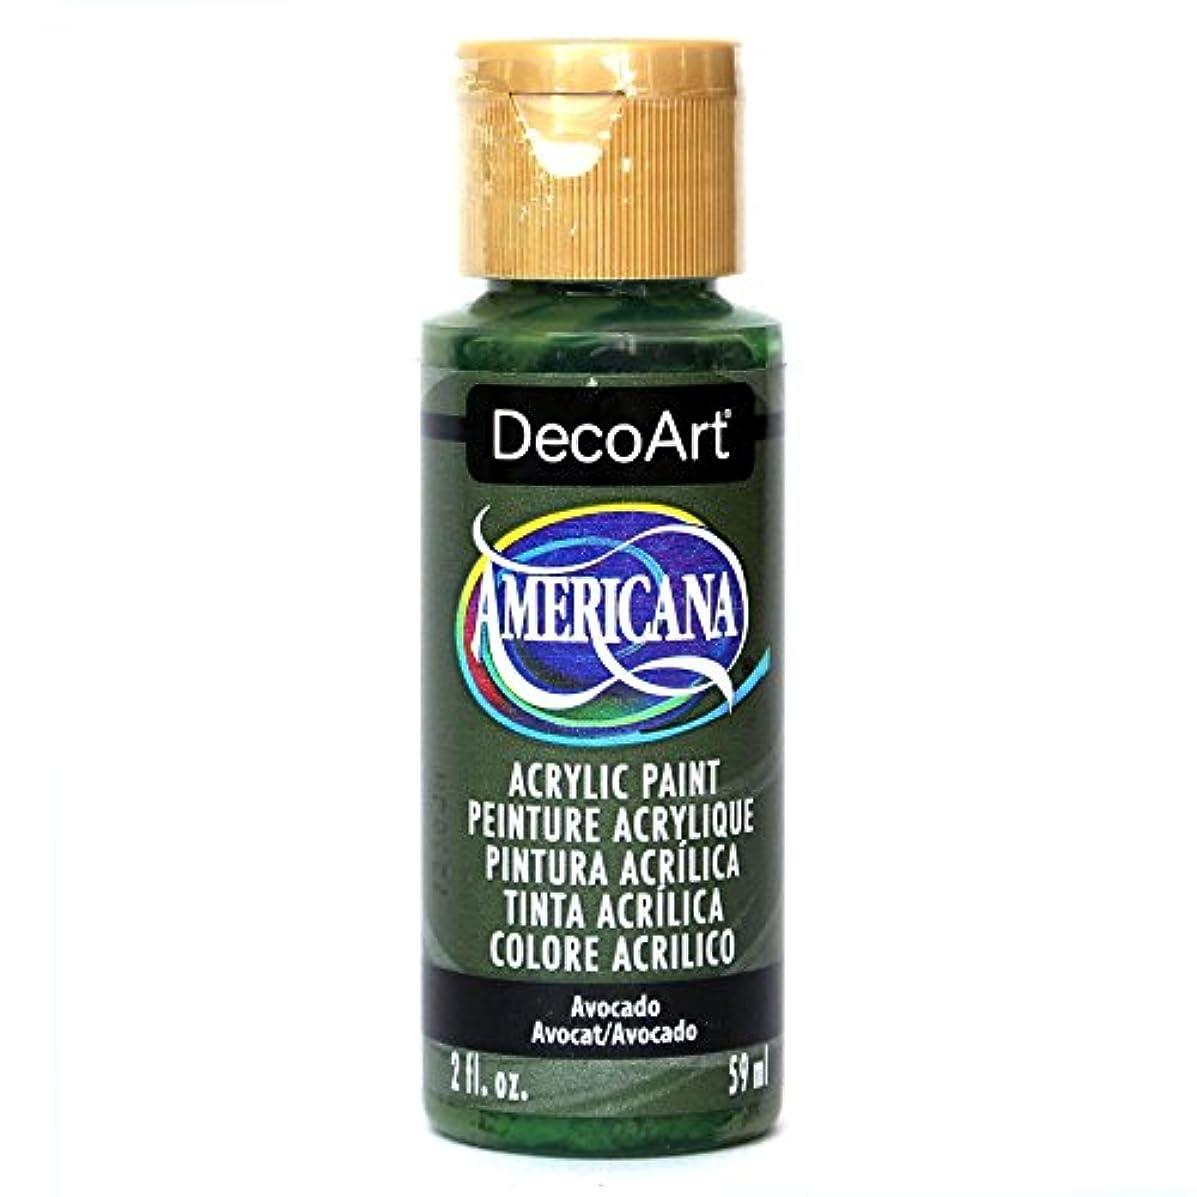 DecoArt Americana Acrylic Paint, 2-Ounce, Avocado